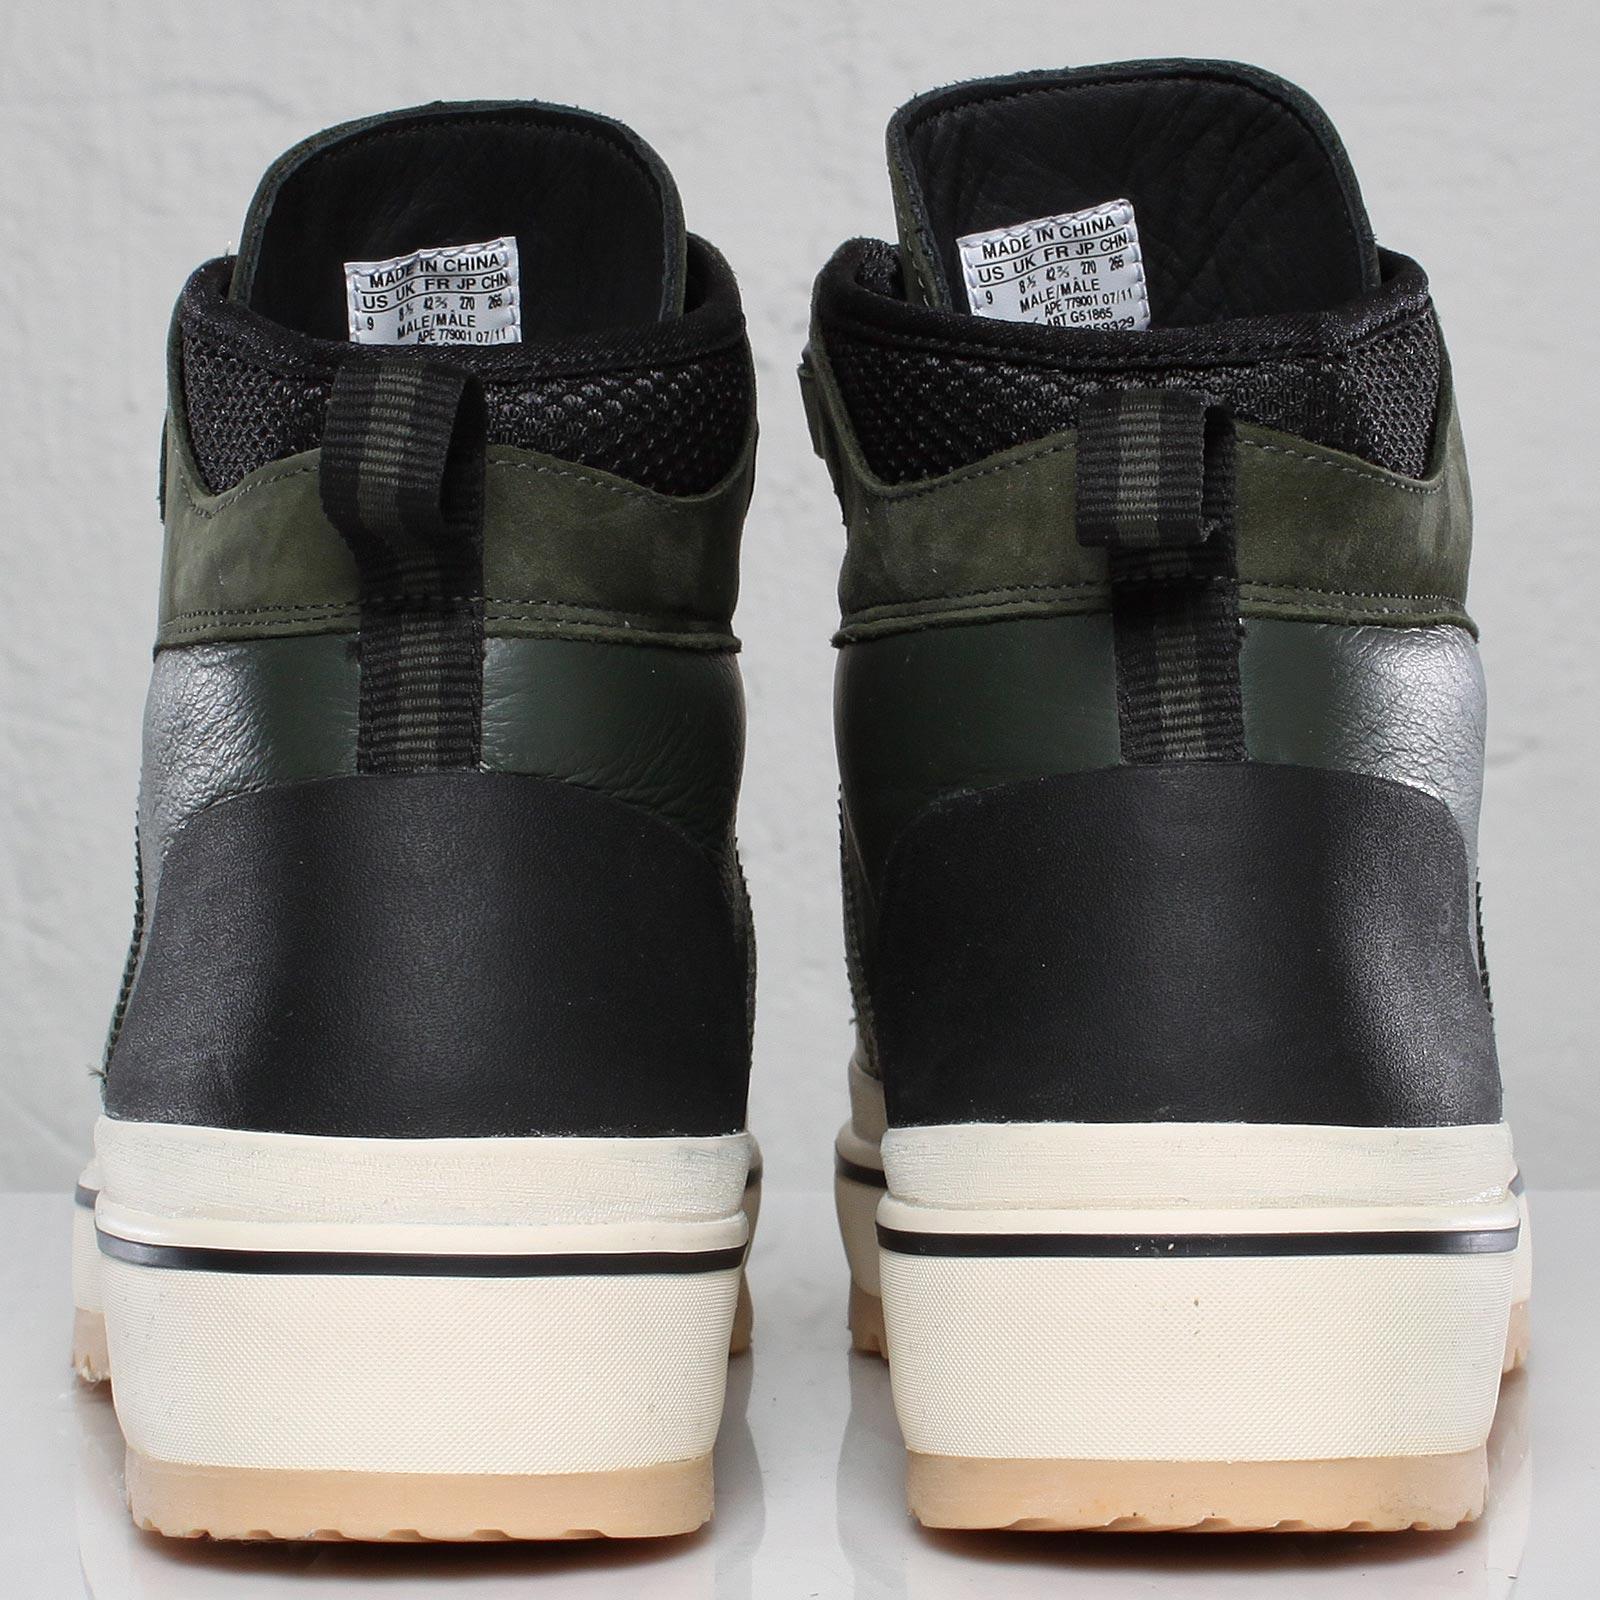 on sale 88556 b520e adidas Winterball Hi KZK - 102443 - Sneakersnstuff   sneakers   streetwear  online since 1999